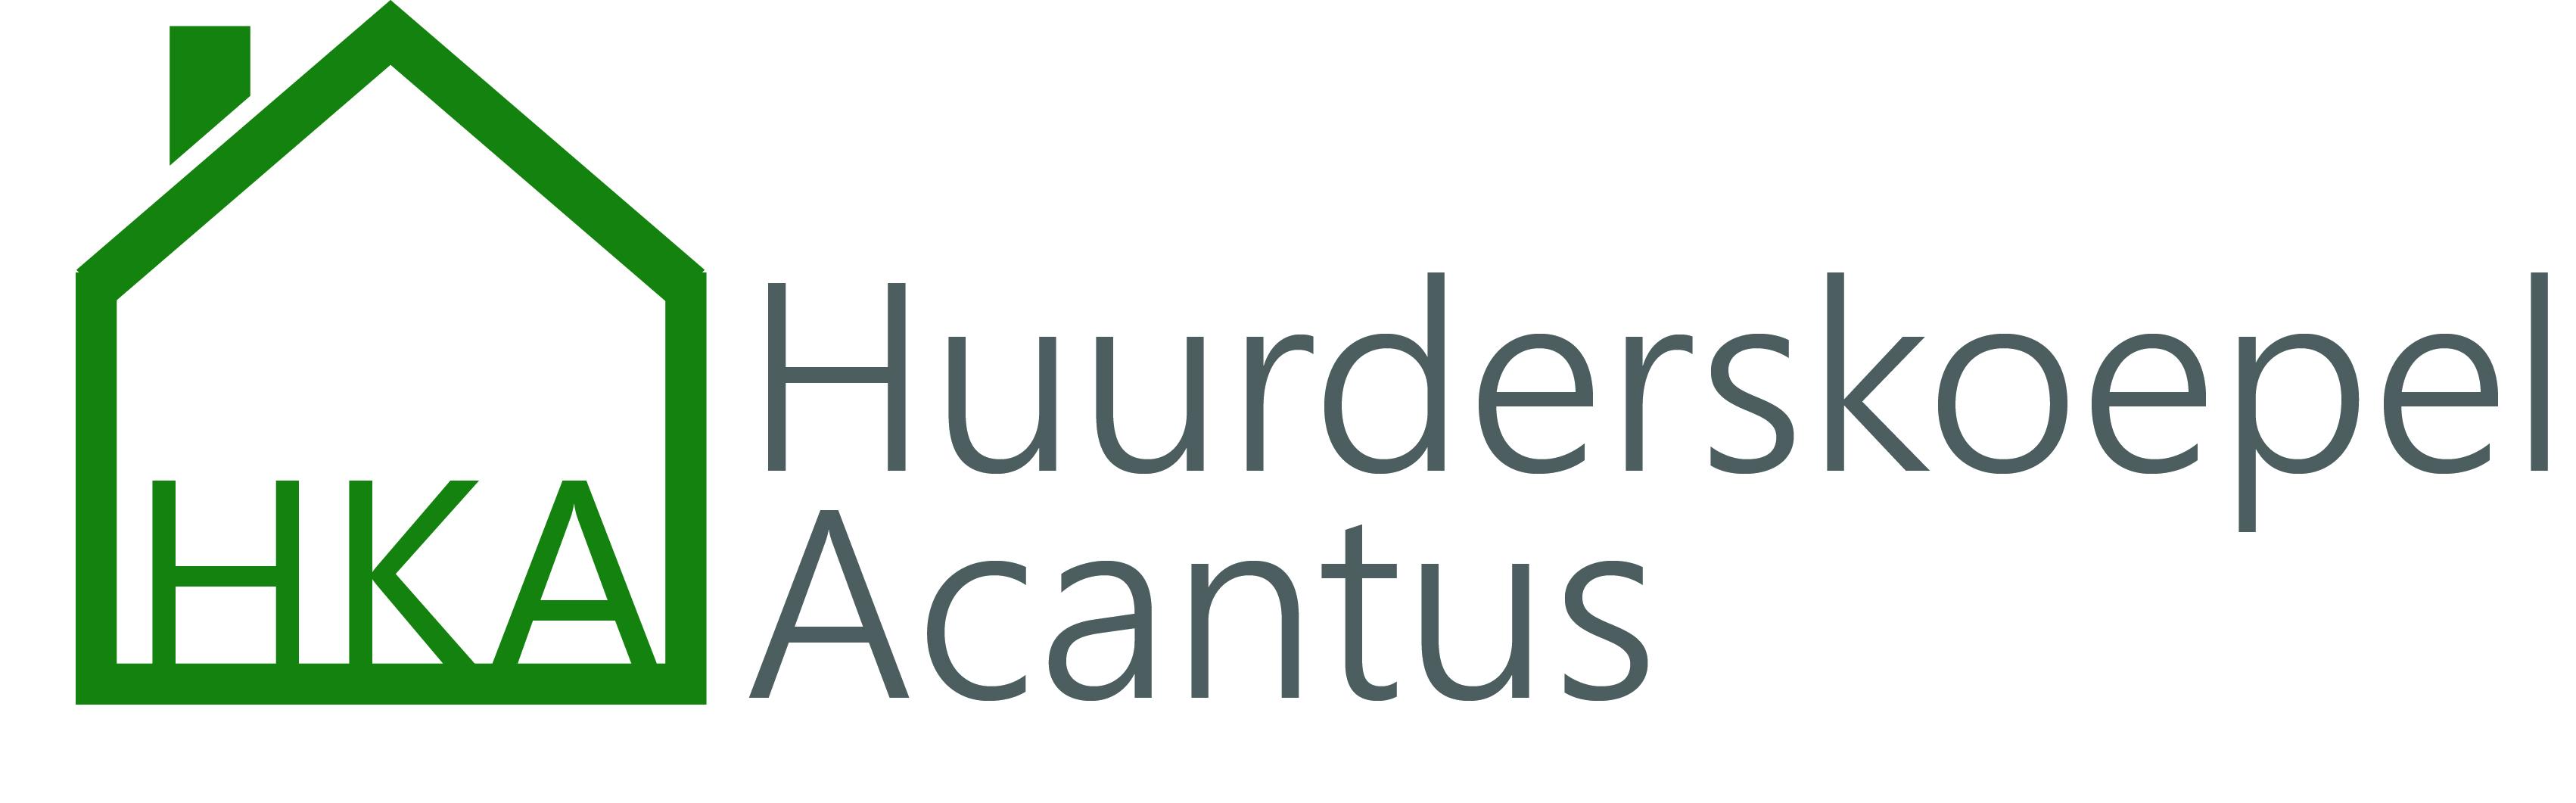 Huurderskoepel Acantus (Delfzijl)